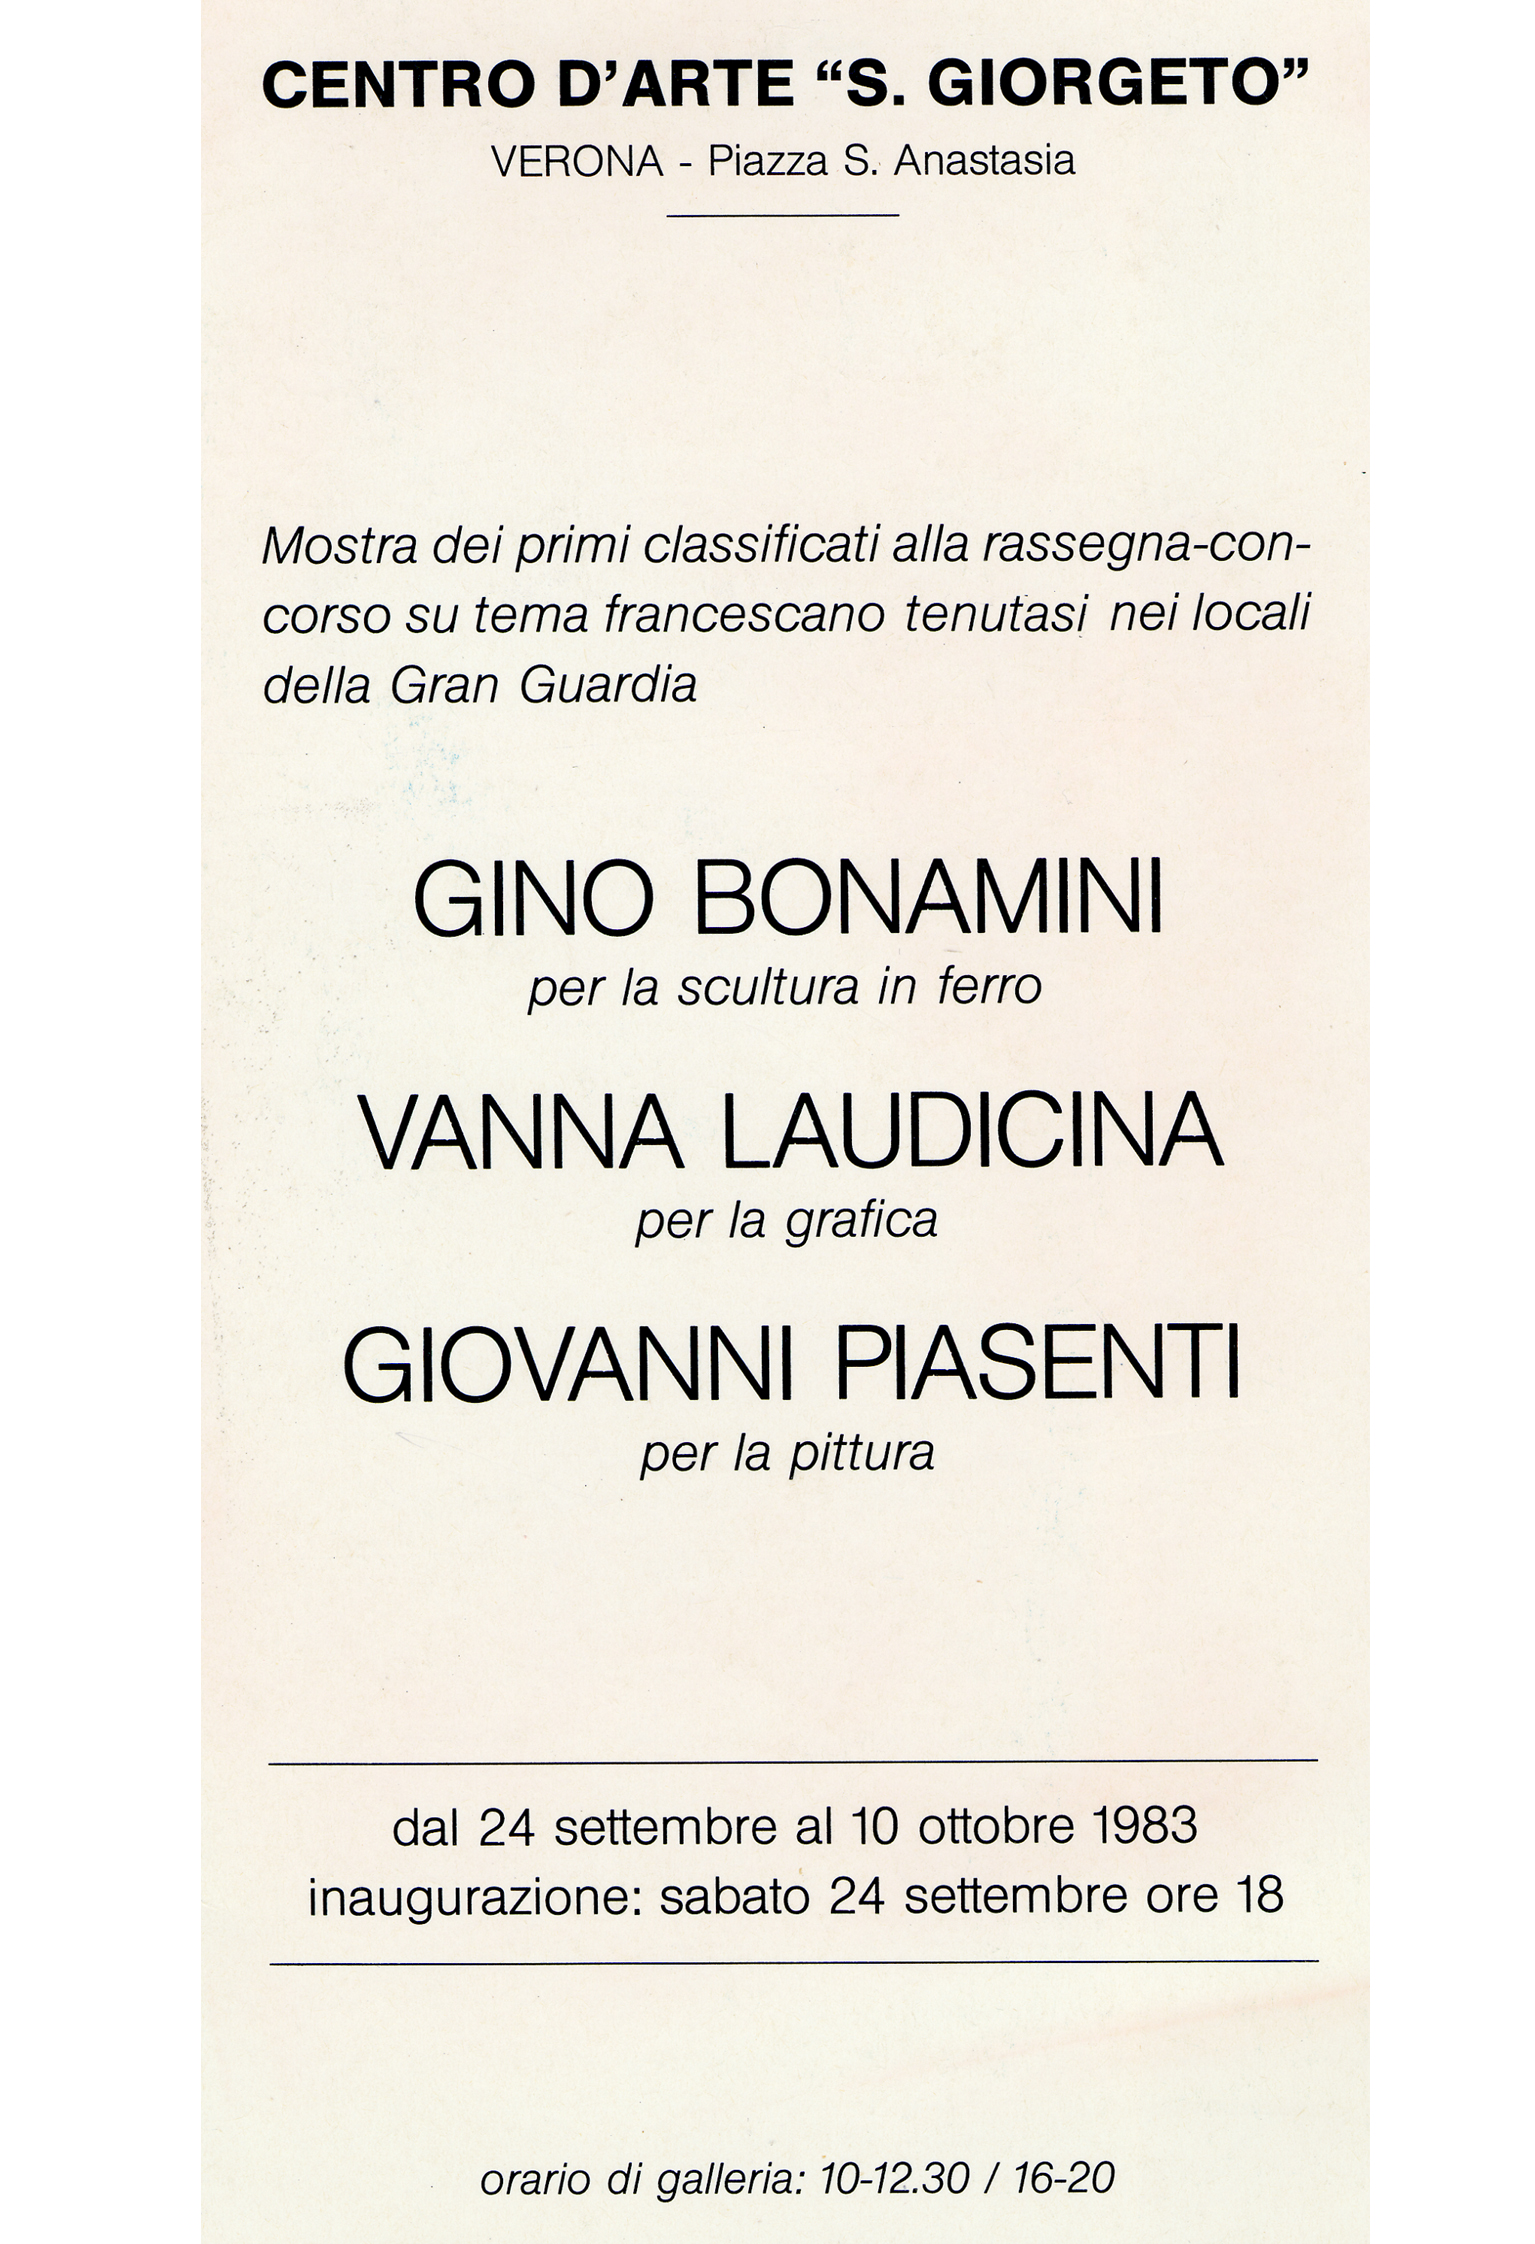 """1983 - Invito mostra al  Centro d'Arte """"S. Giorgeto"""" Verona"""